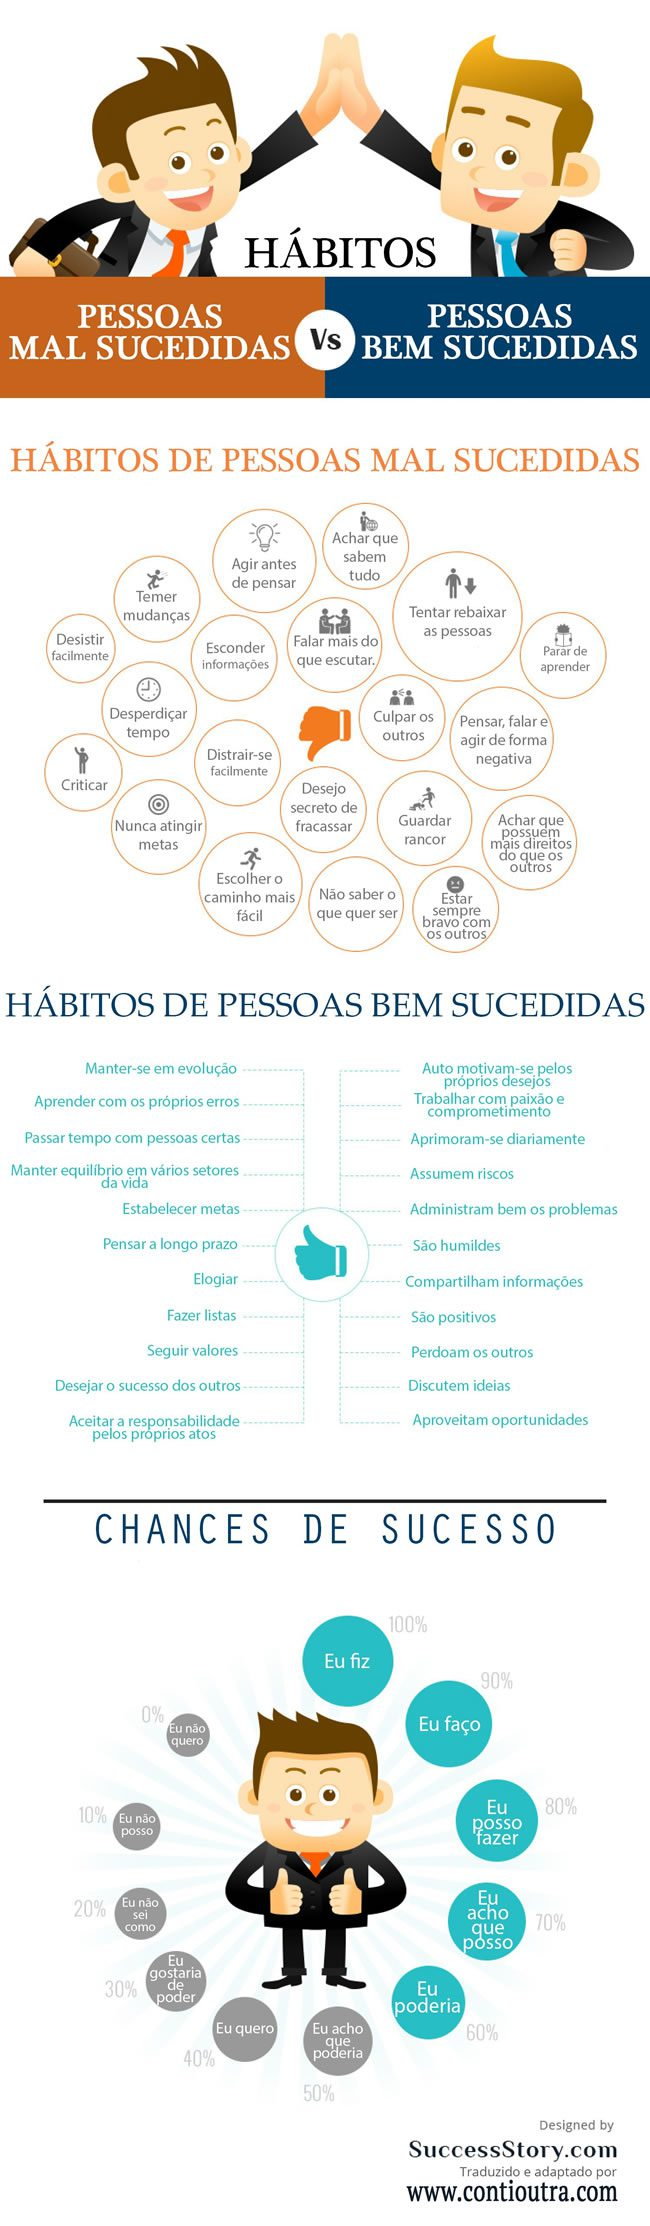 INFOGRÁFICO-PESSOAS-BEM-SUCEDIDAS-VS-MAL-SUCEDIDAS